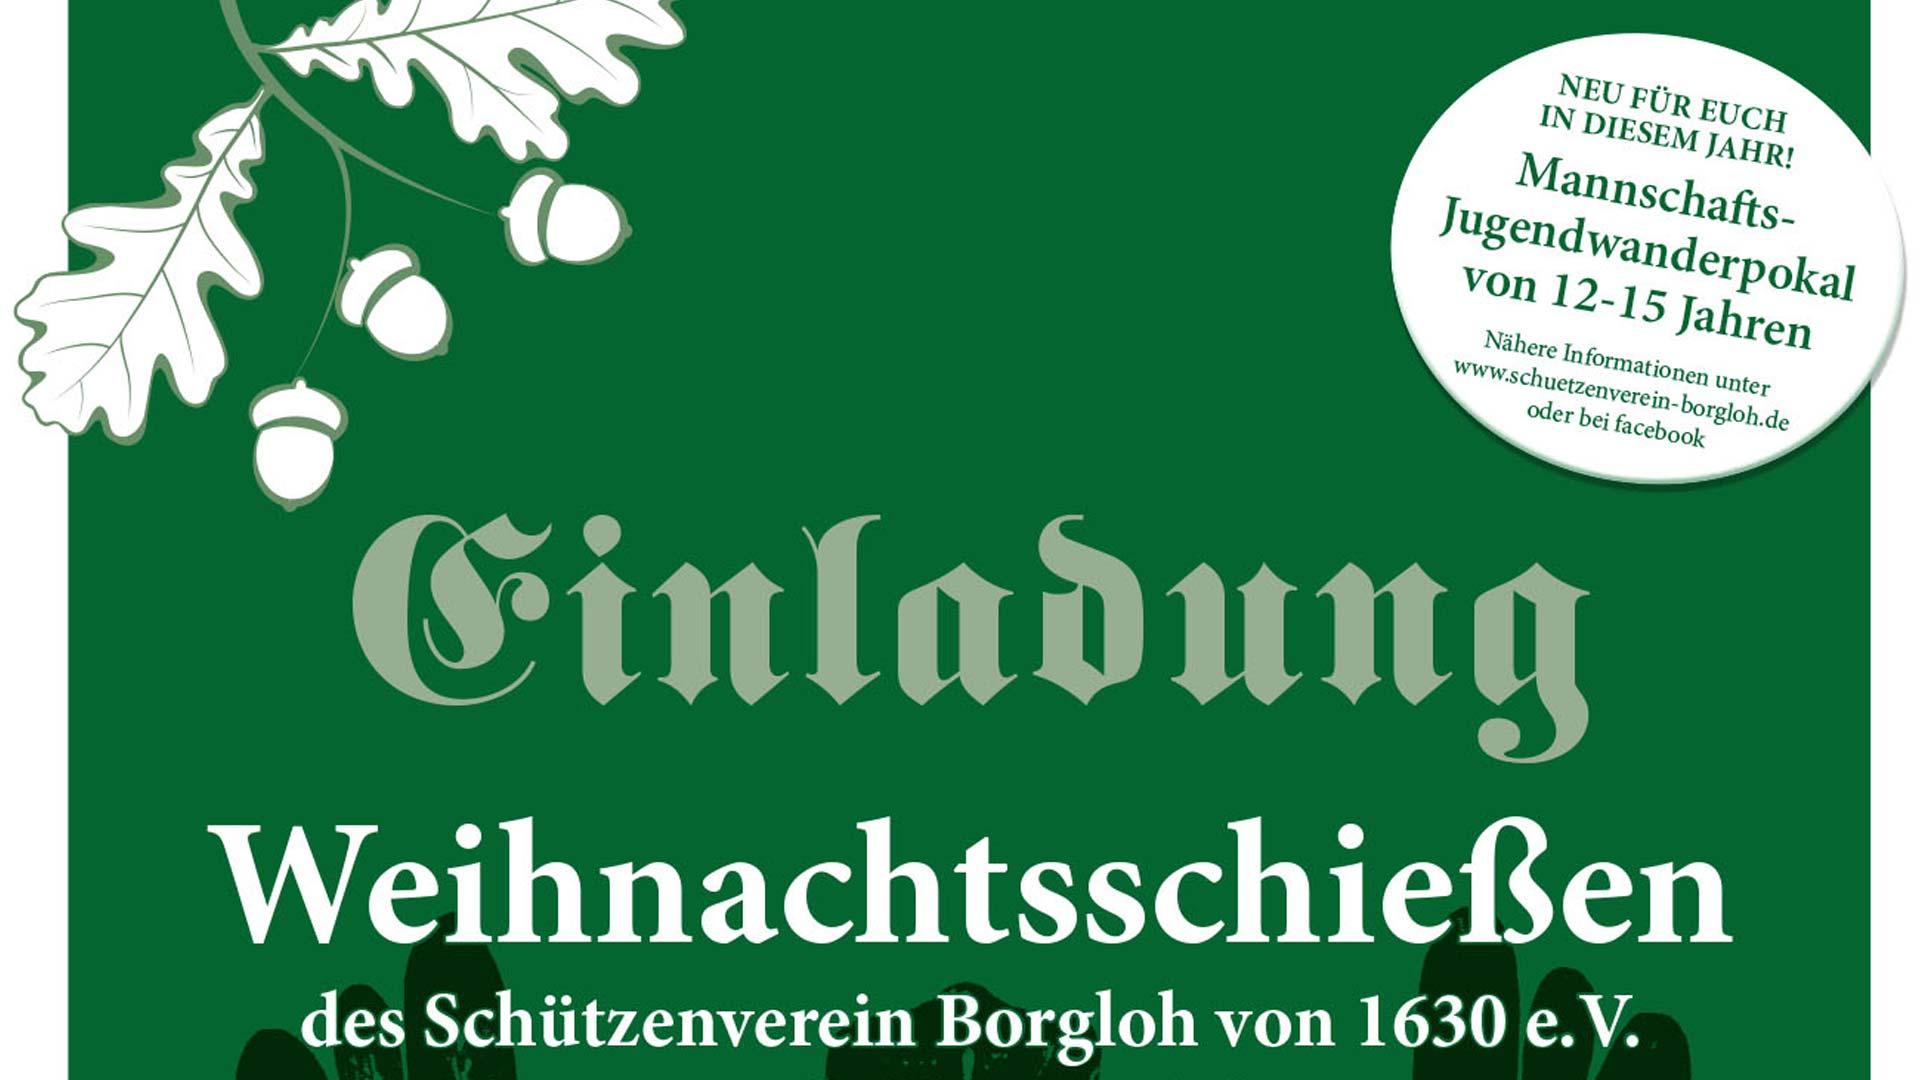 Weihnachtsschießen in Borgloh 2016